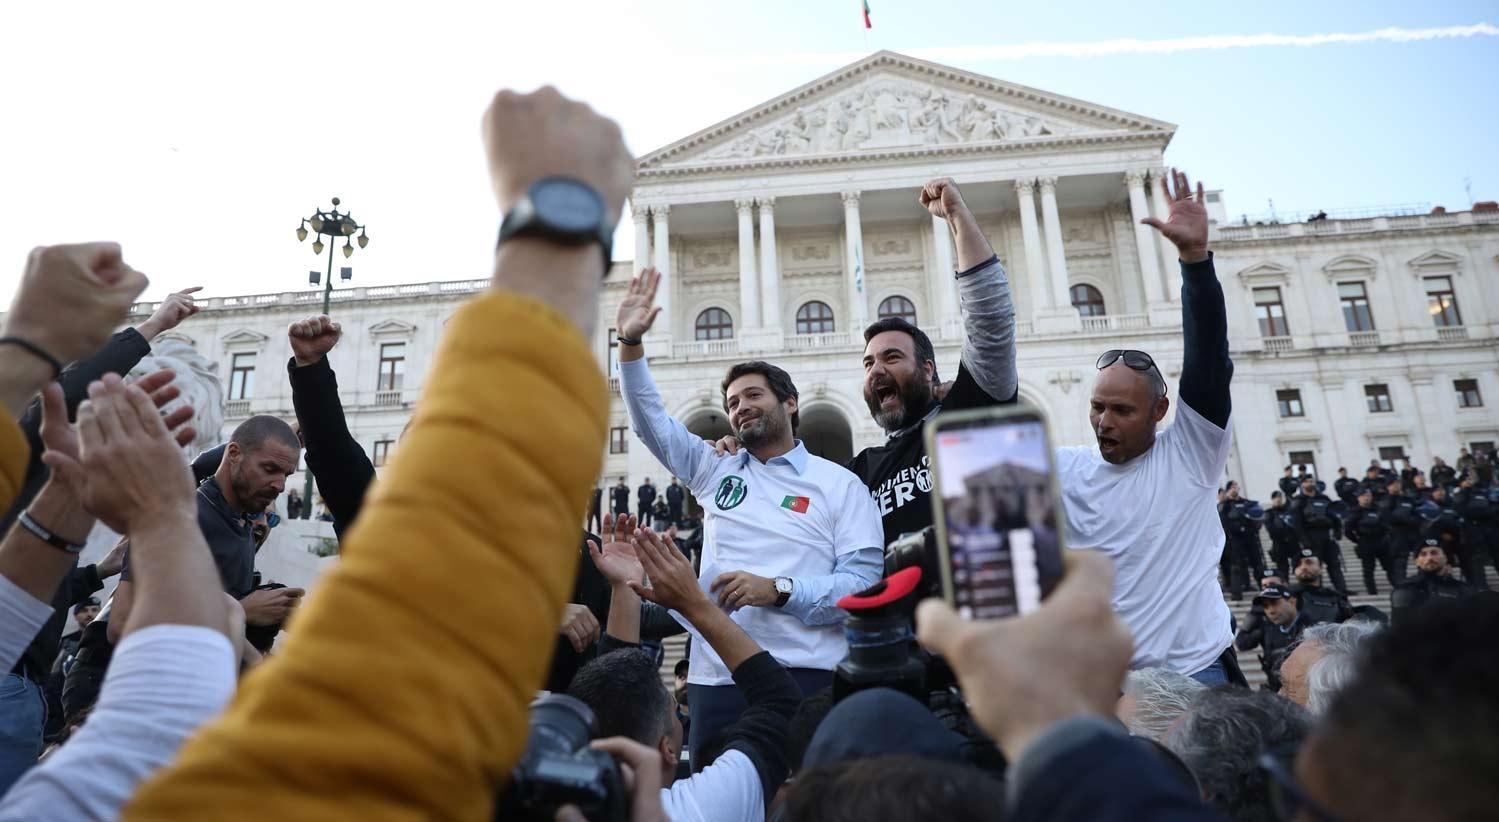 Manifestação de polícias. Discurso de André Ventura no palanque causou mal estar